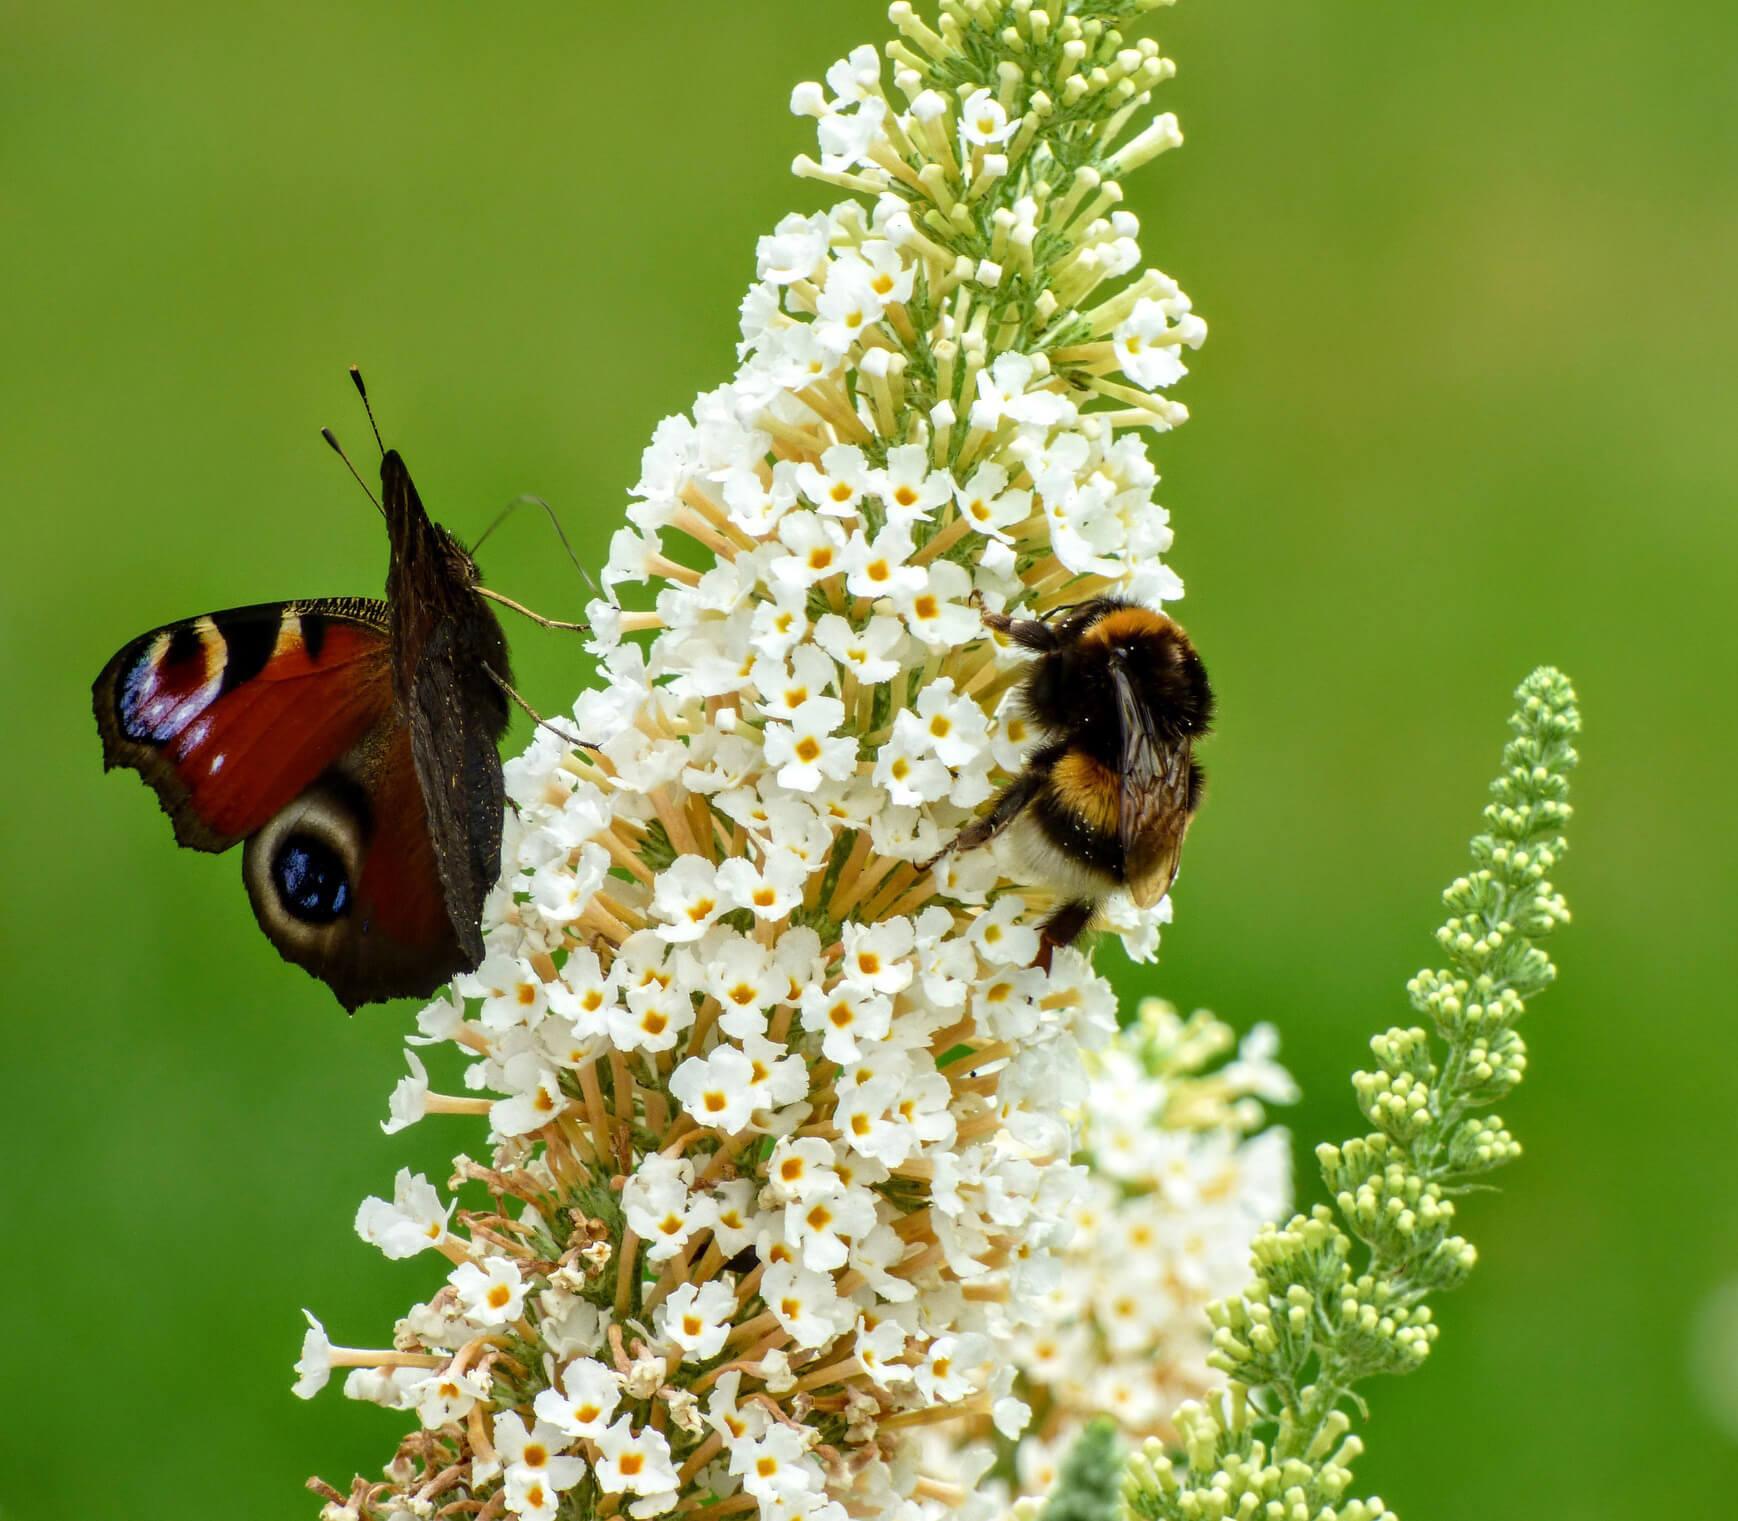 Schmetterling und Biene auf Blume